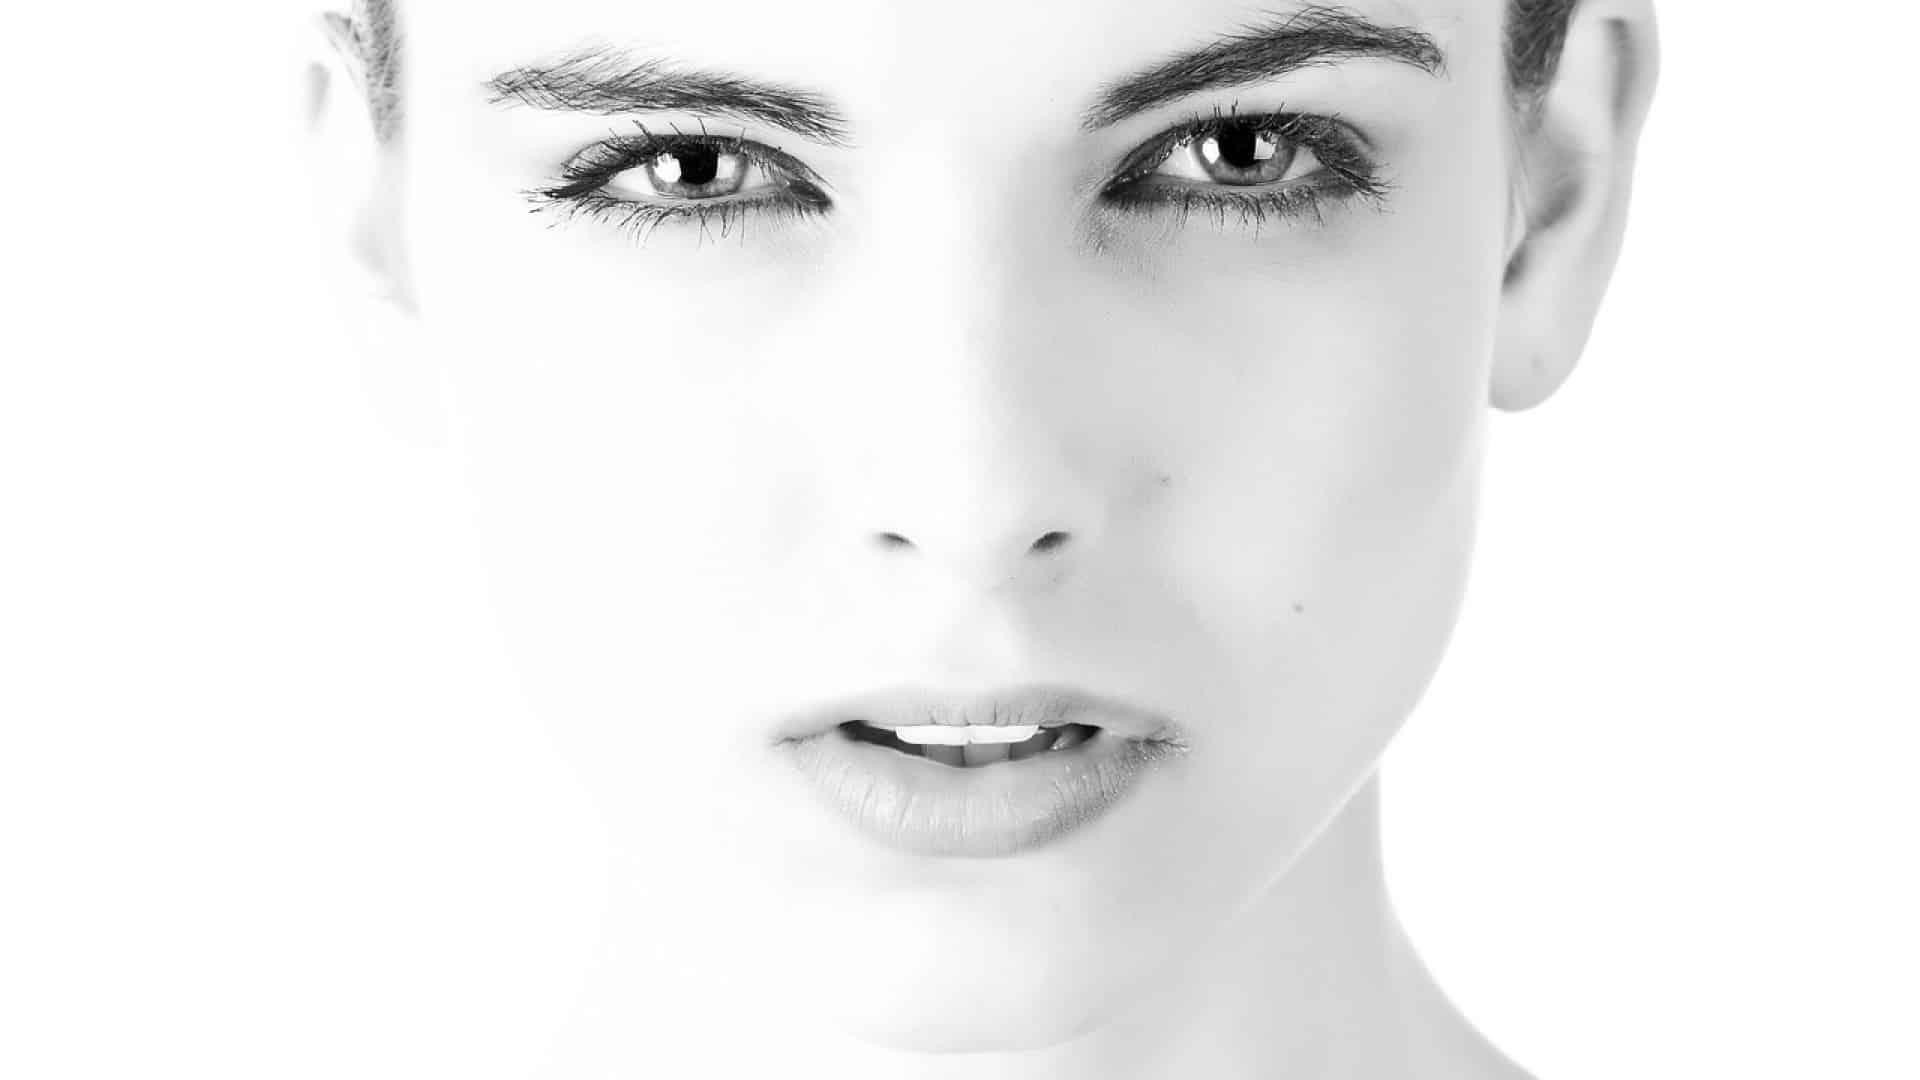 La chirurgie esthétique du visage et du regard : comment la réussir ?